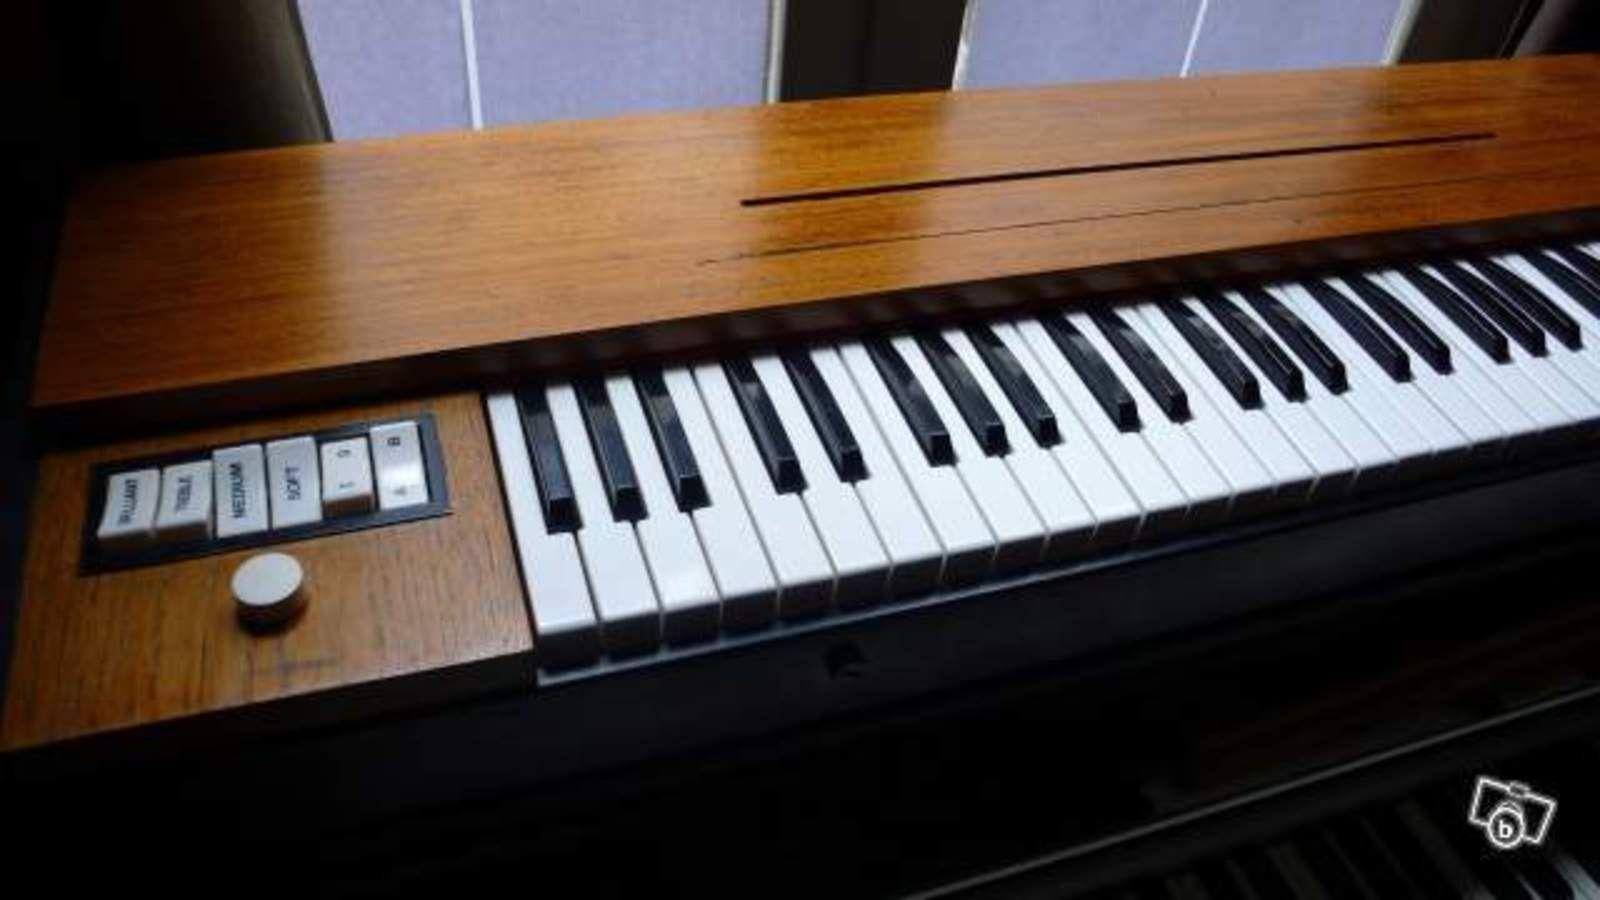 hohner clavinet d6 image 16395 audiofanzine. Black Bedroom Furniture Sets. Home Design Ideas